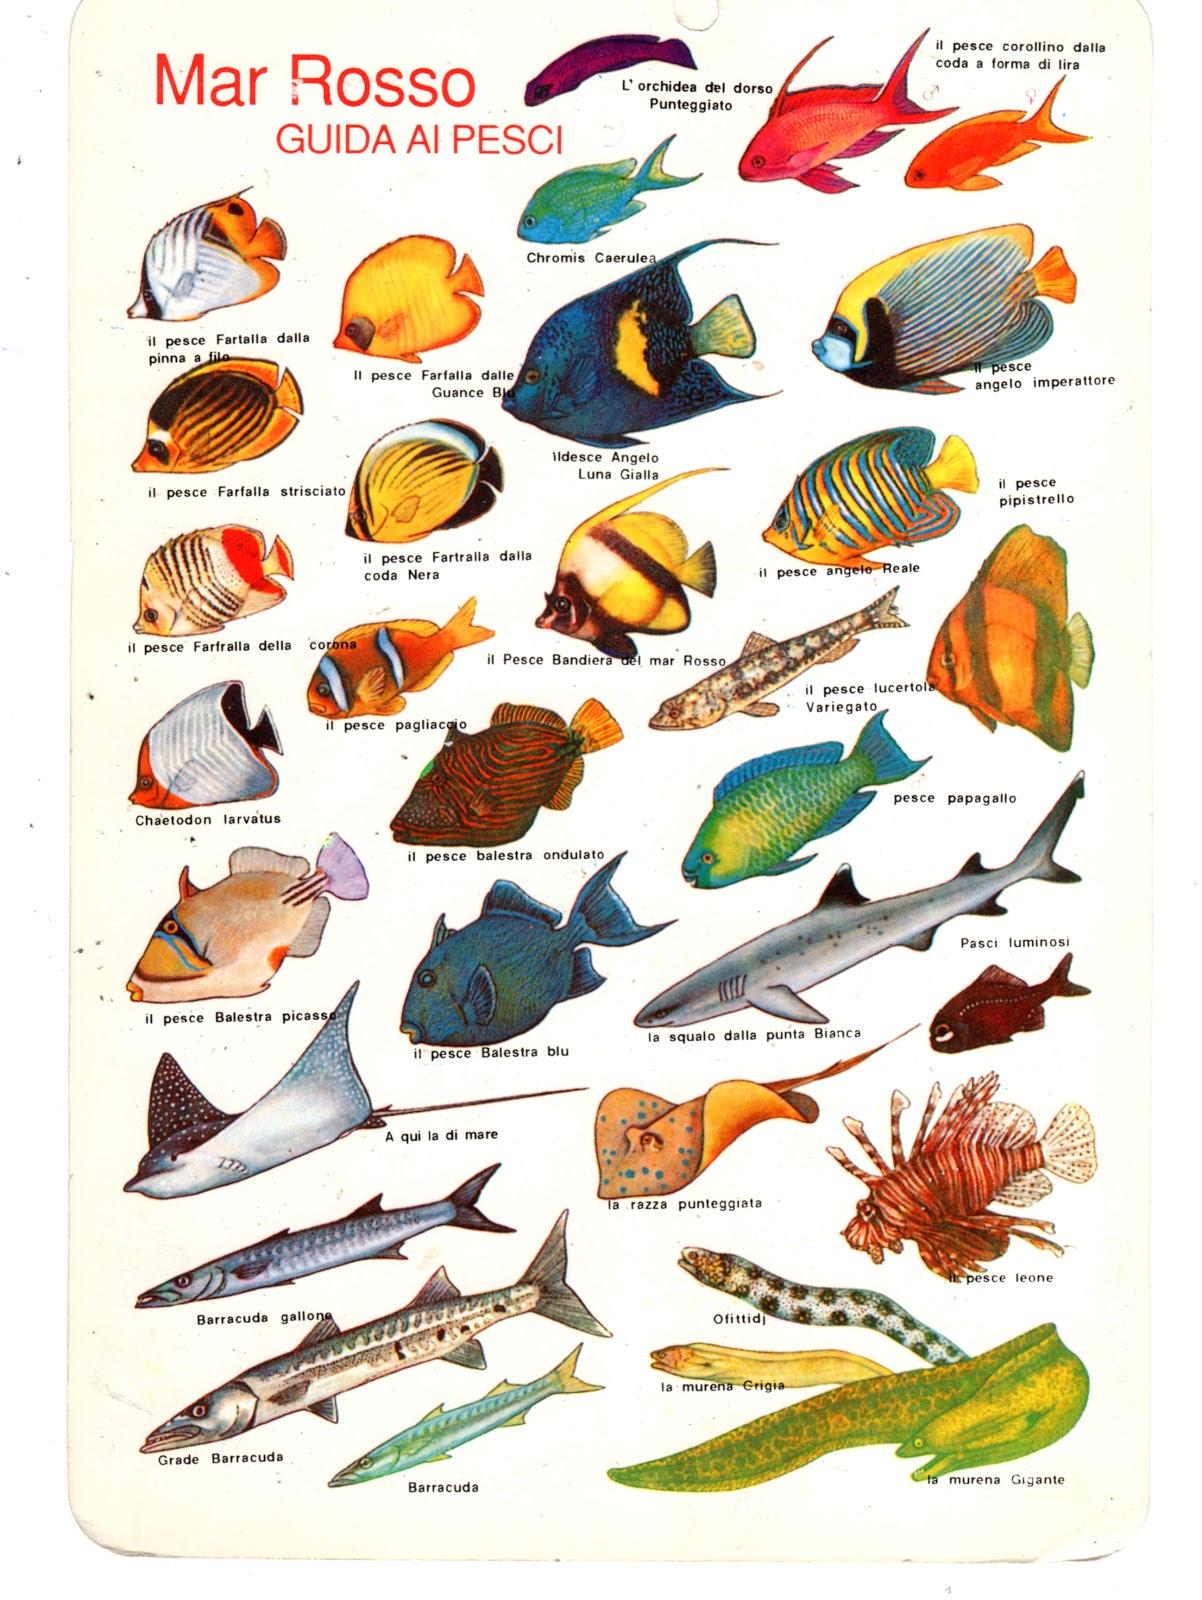 Elioarte guida ai pesci sul mar rosso o alle maldive for Un pesce allevato in acque stagnanti